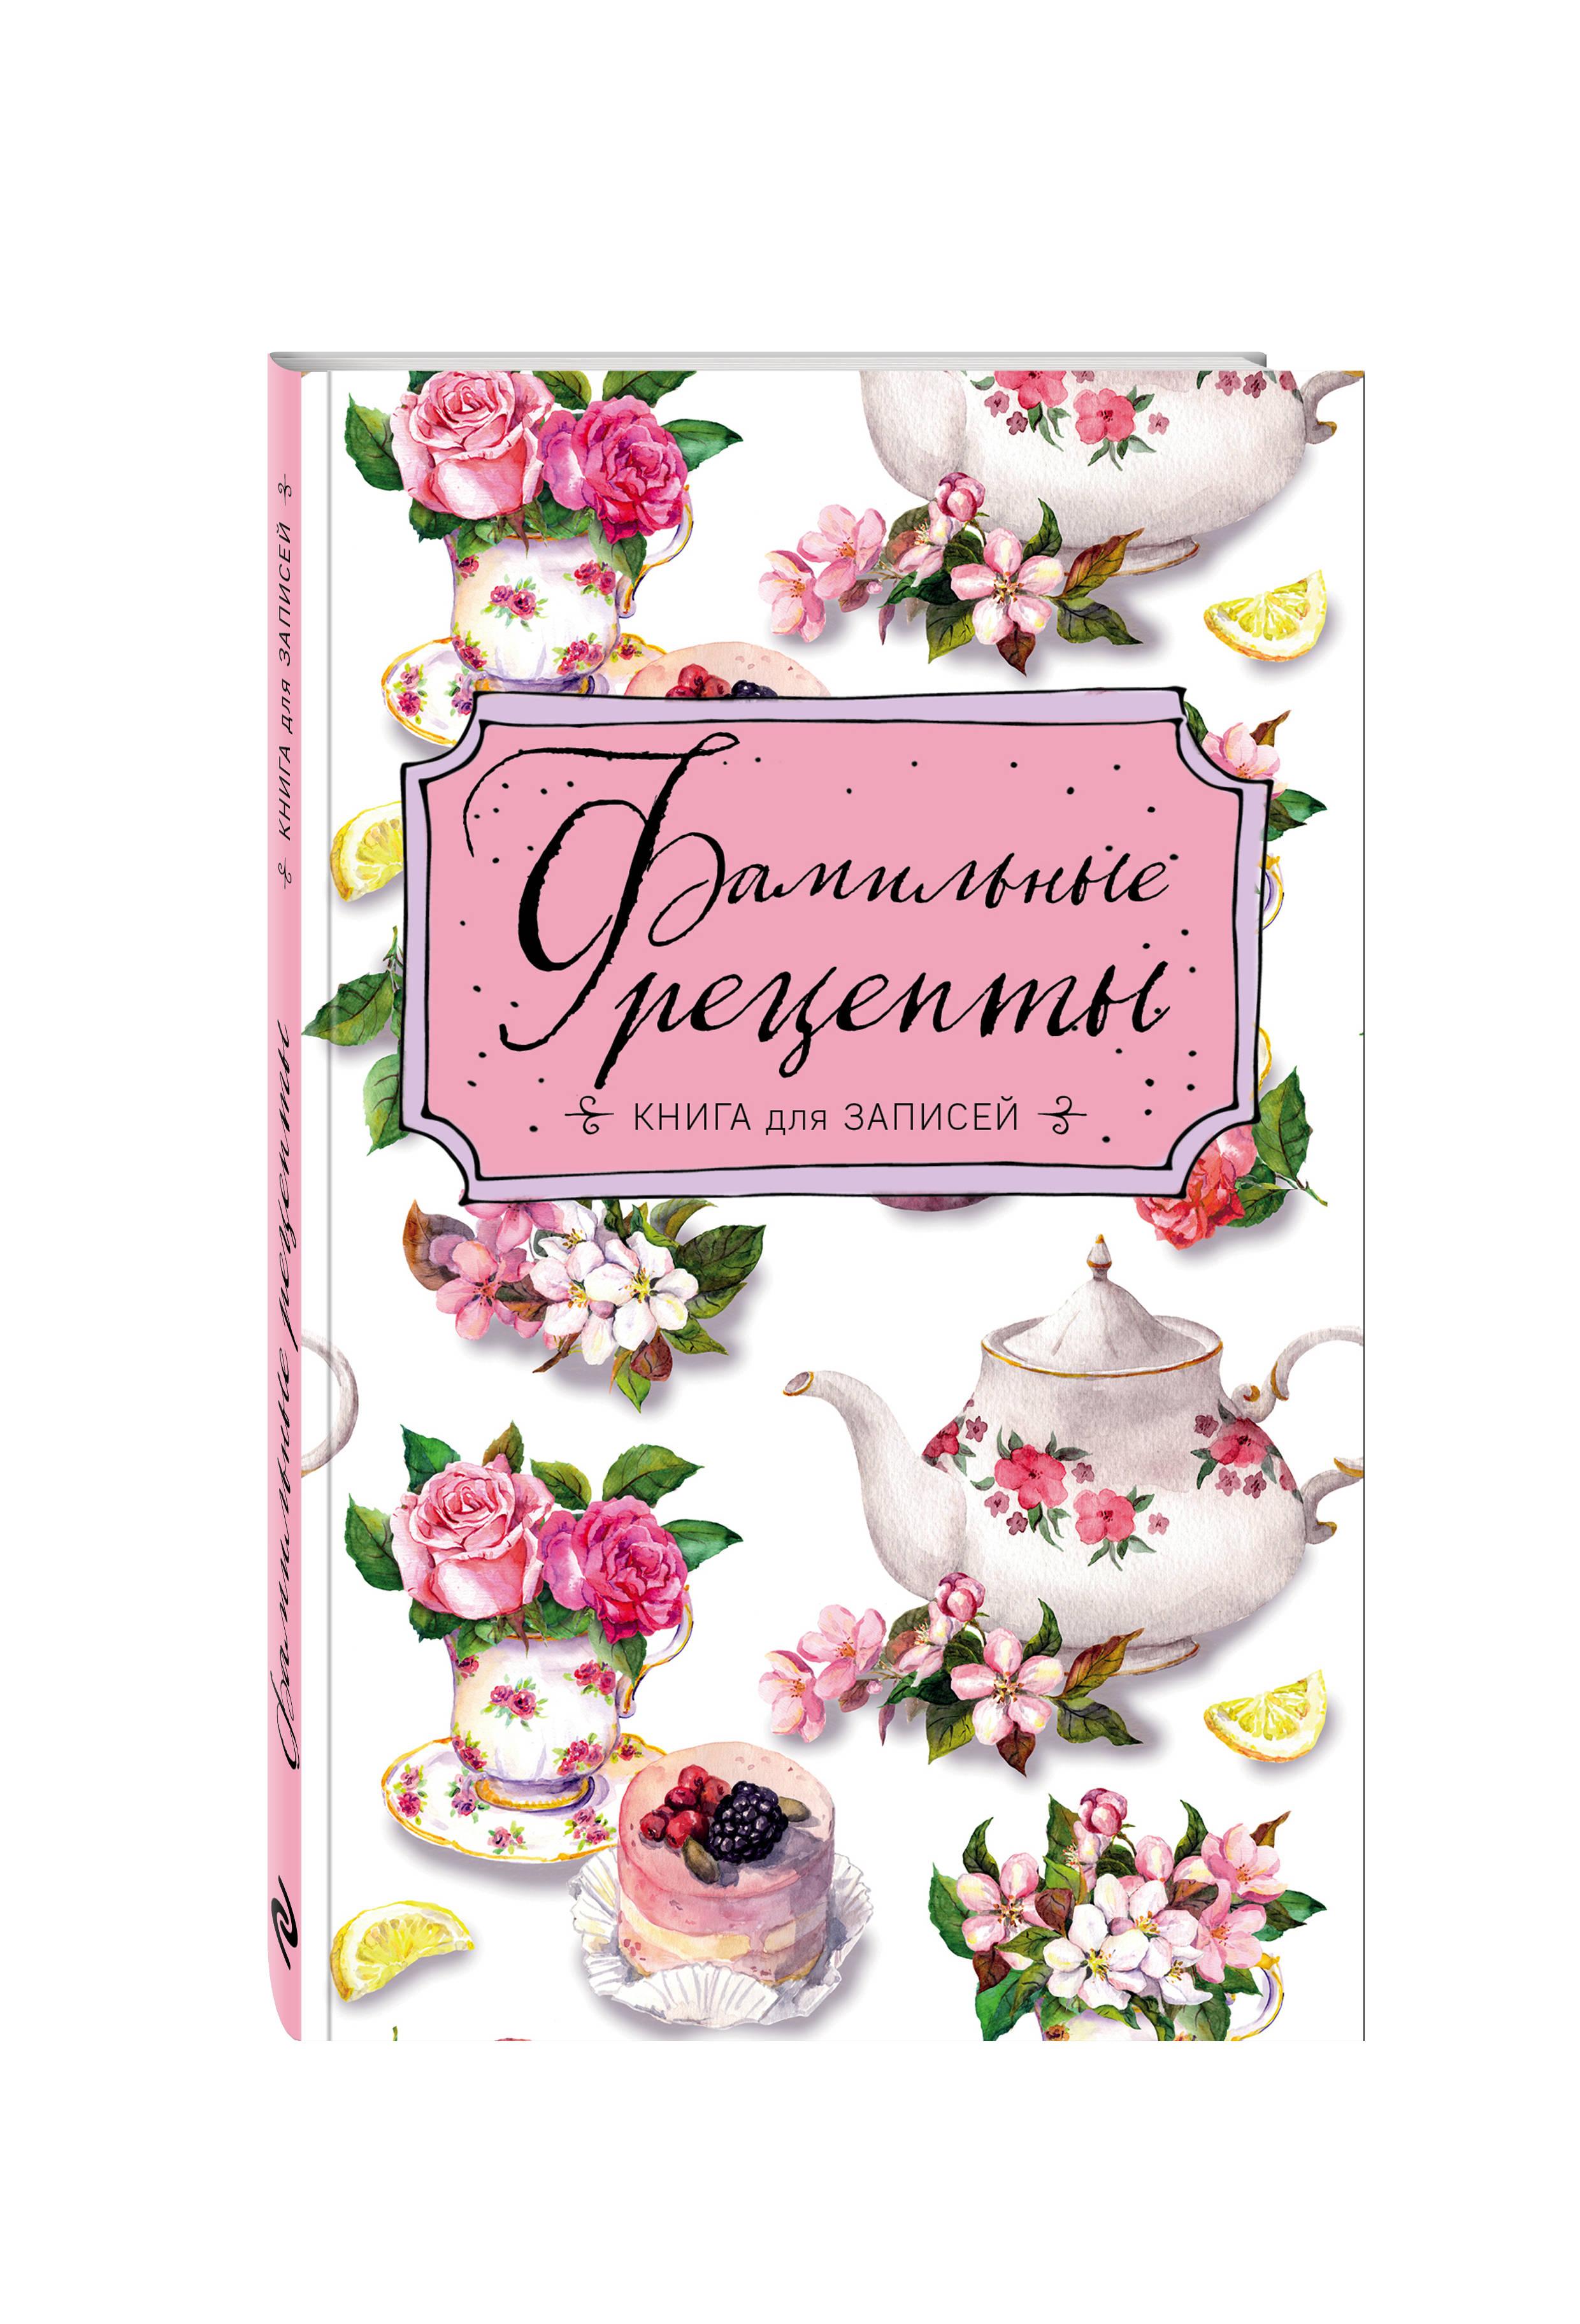 Фамильные рецепты. Книга для записей вкусные истории книга для записи рецептов